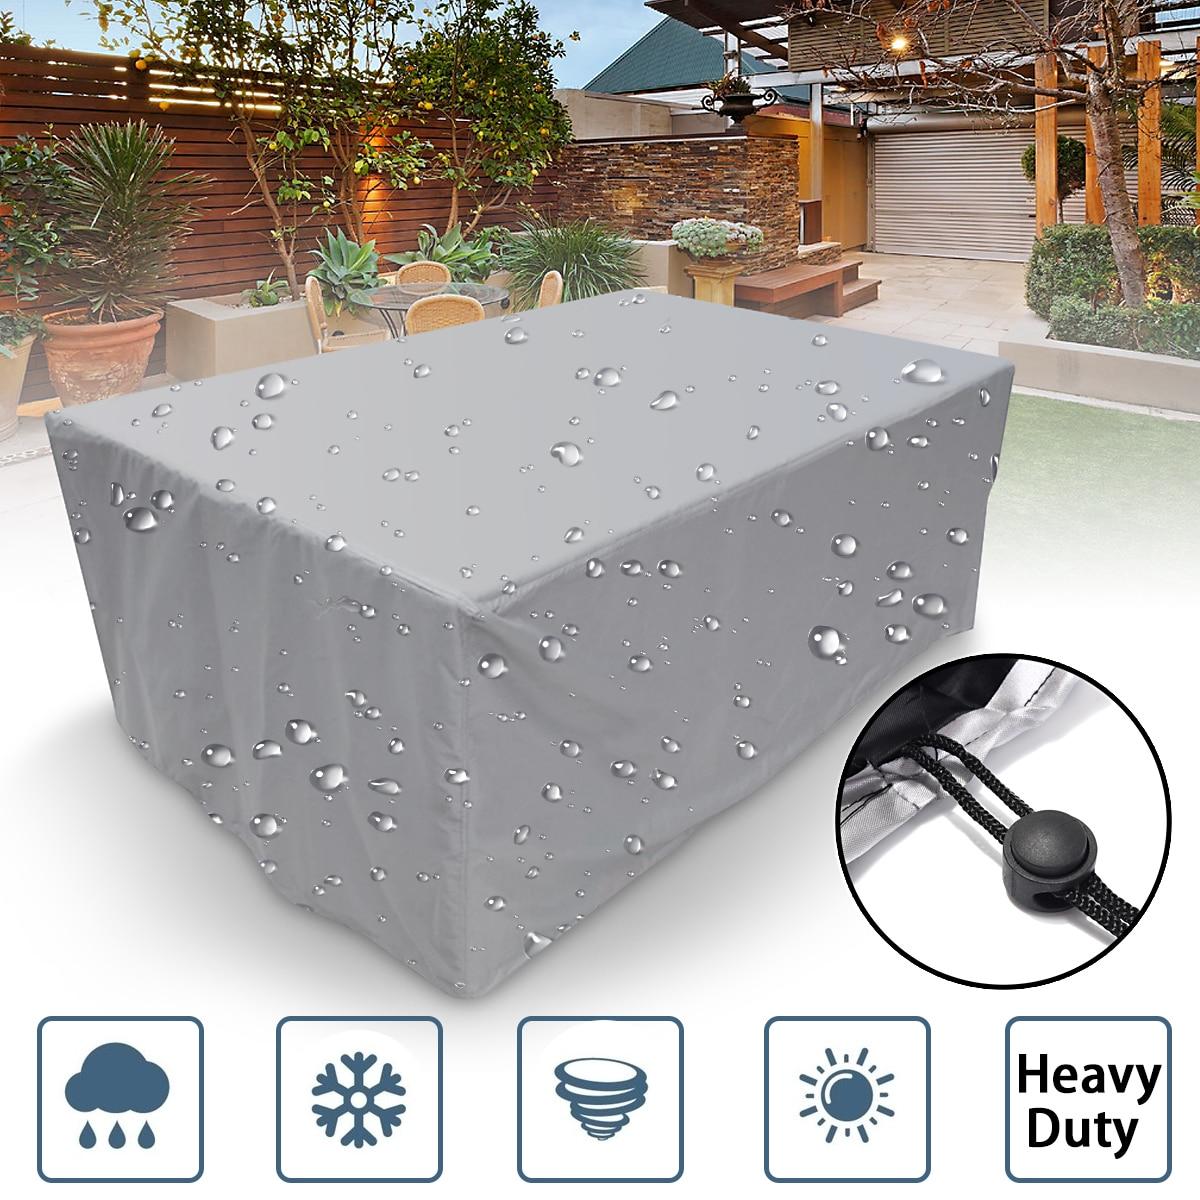 7 größe Outdoor Abdeckung Wasserdichte Möbel abdeckung Sofa Stuhl Tisch Abdeckung Garten Terrasse Strand Protector Regen Schnee Staubdicht